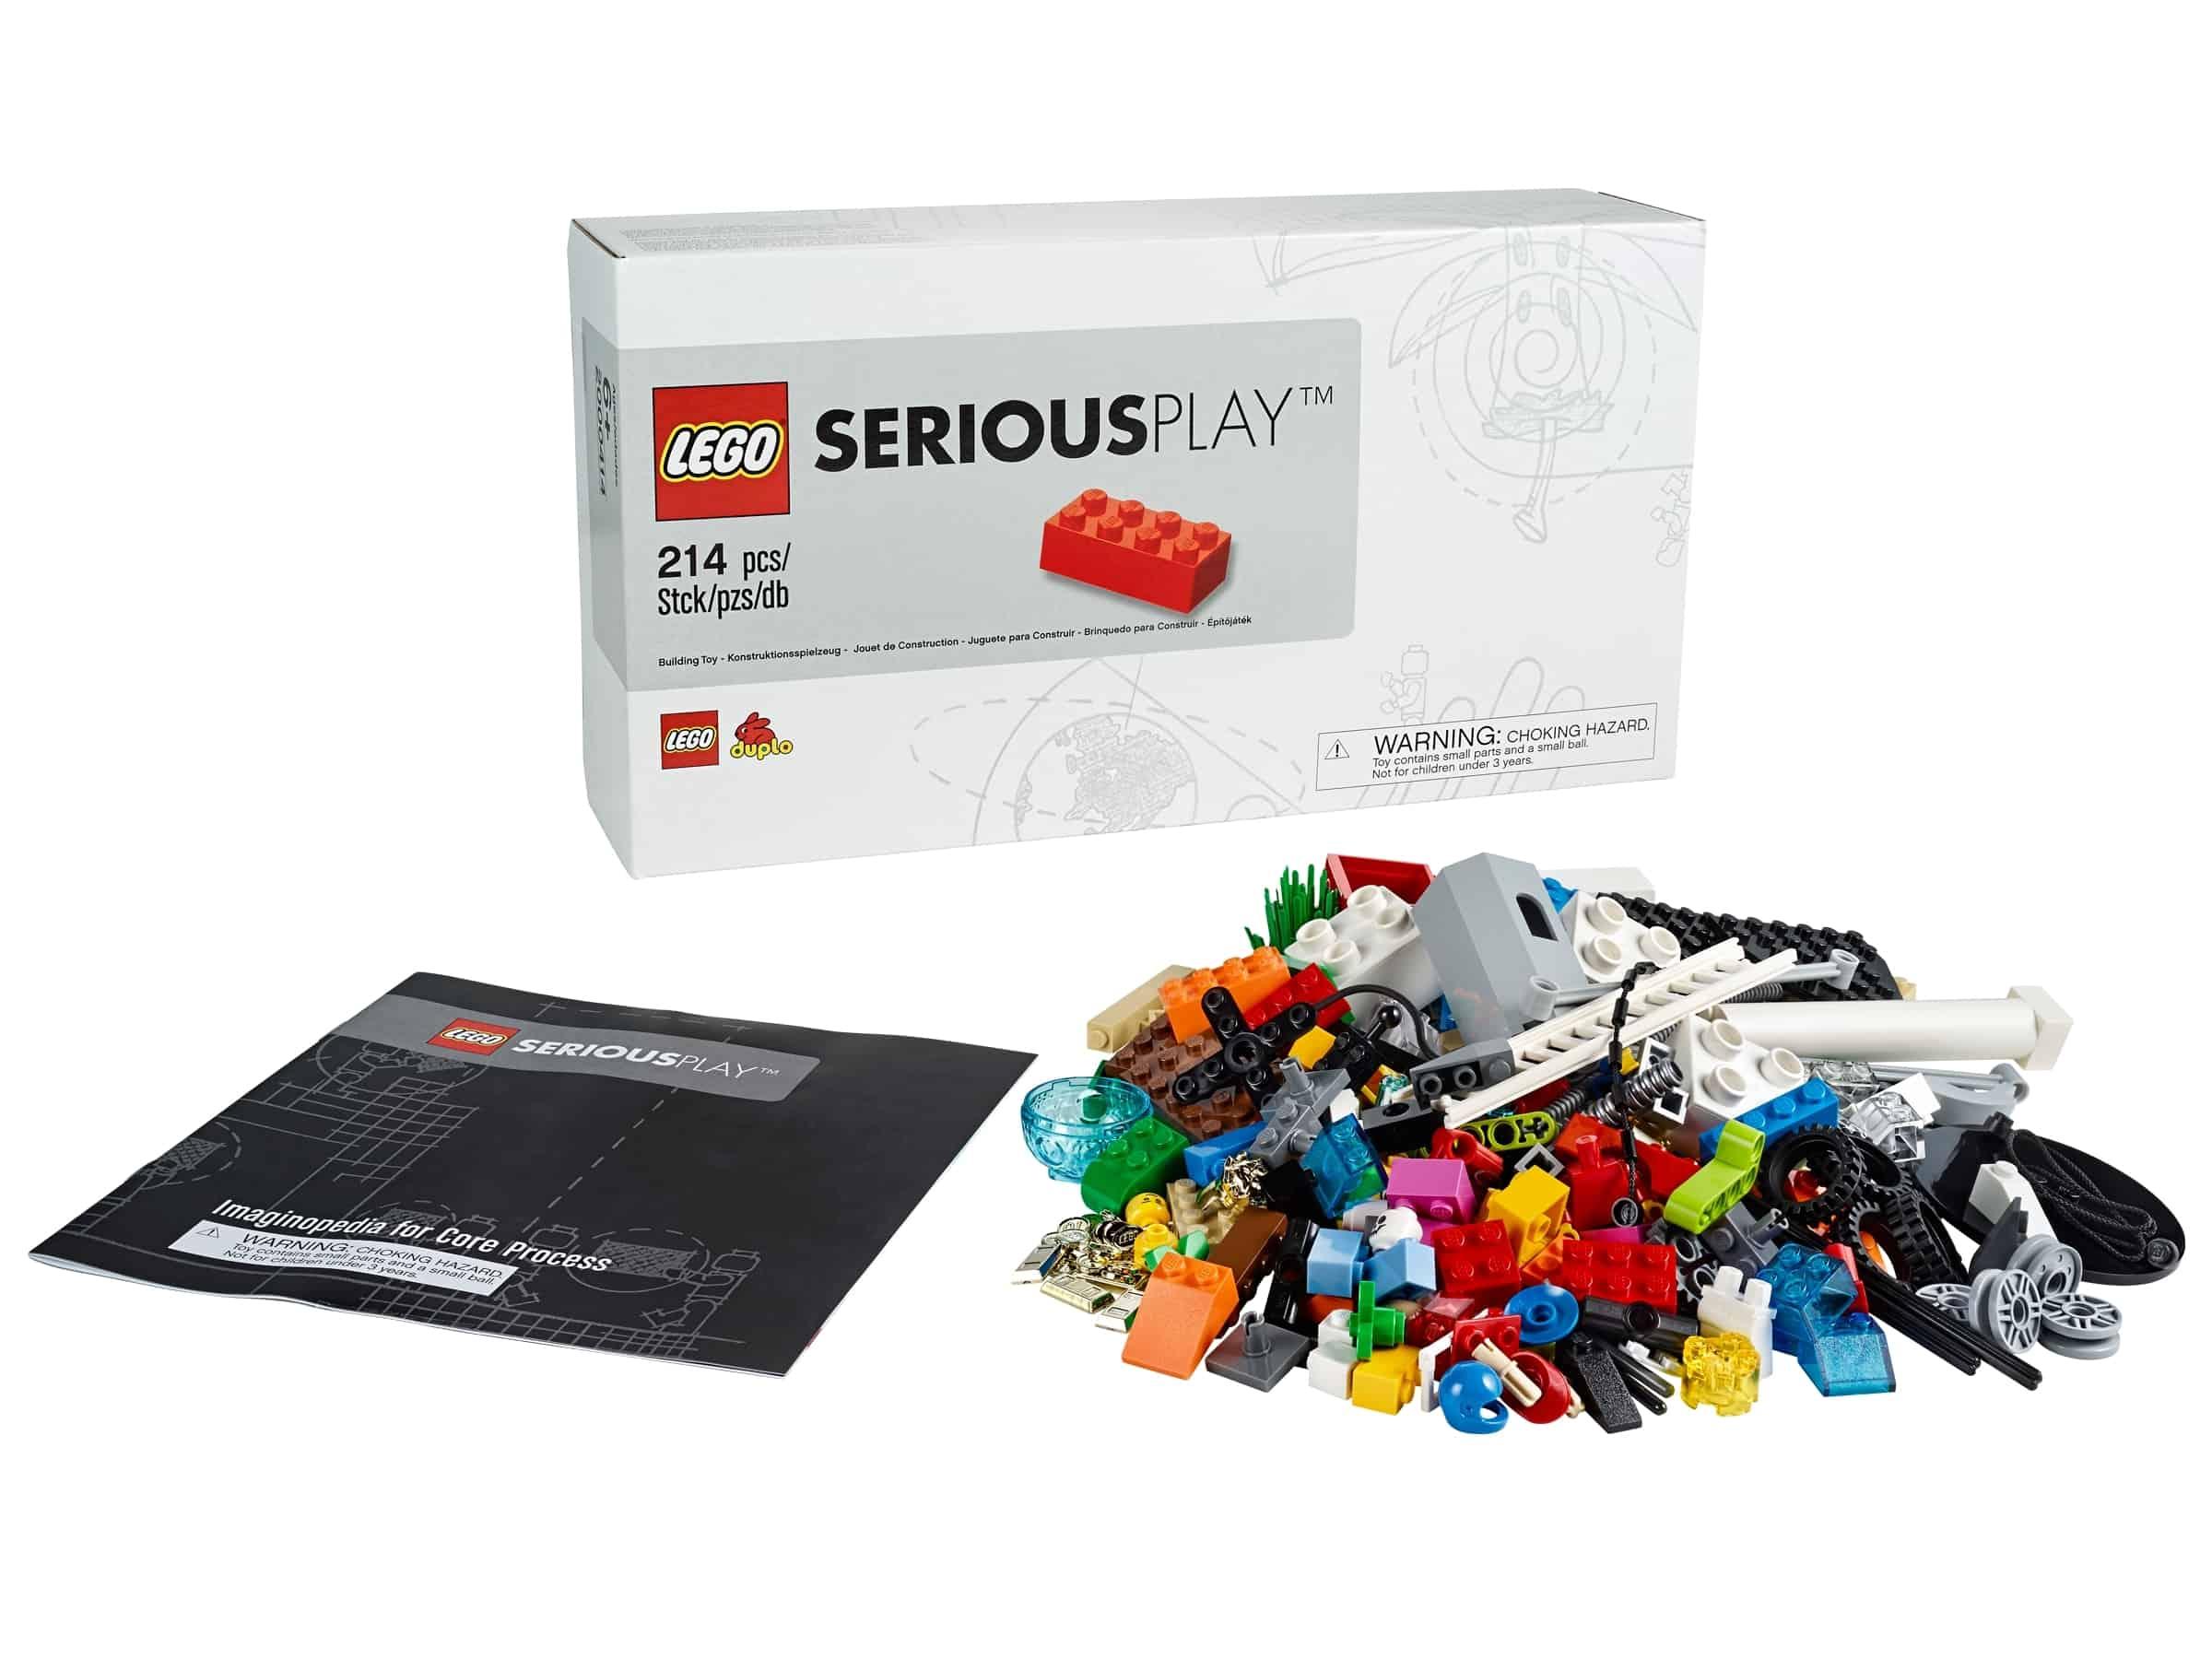 lego serious play starter kit 2000414